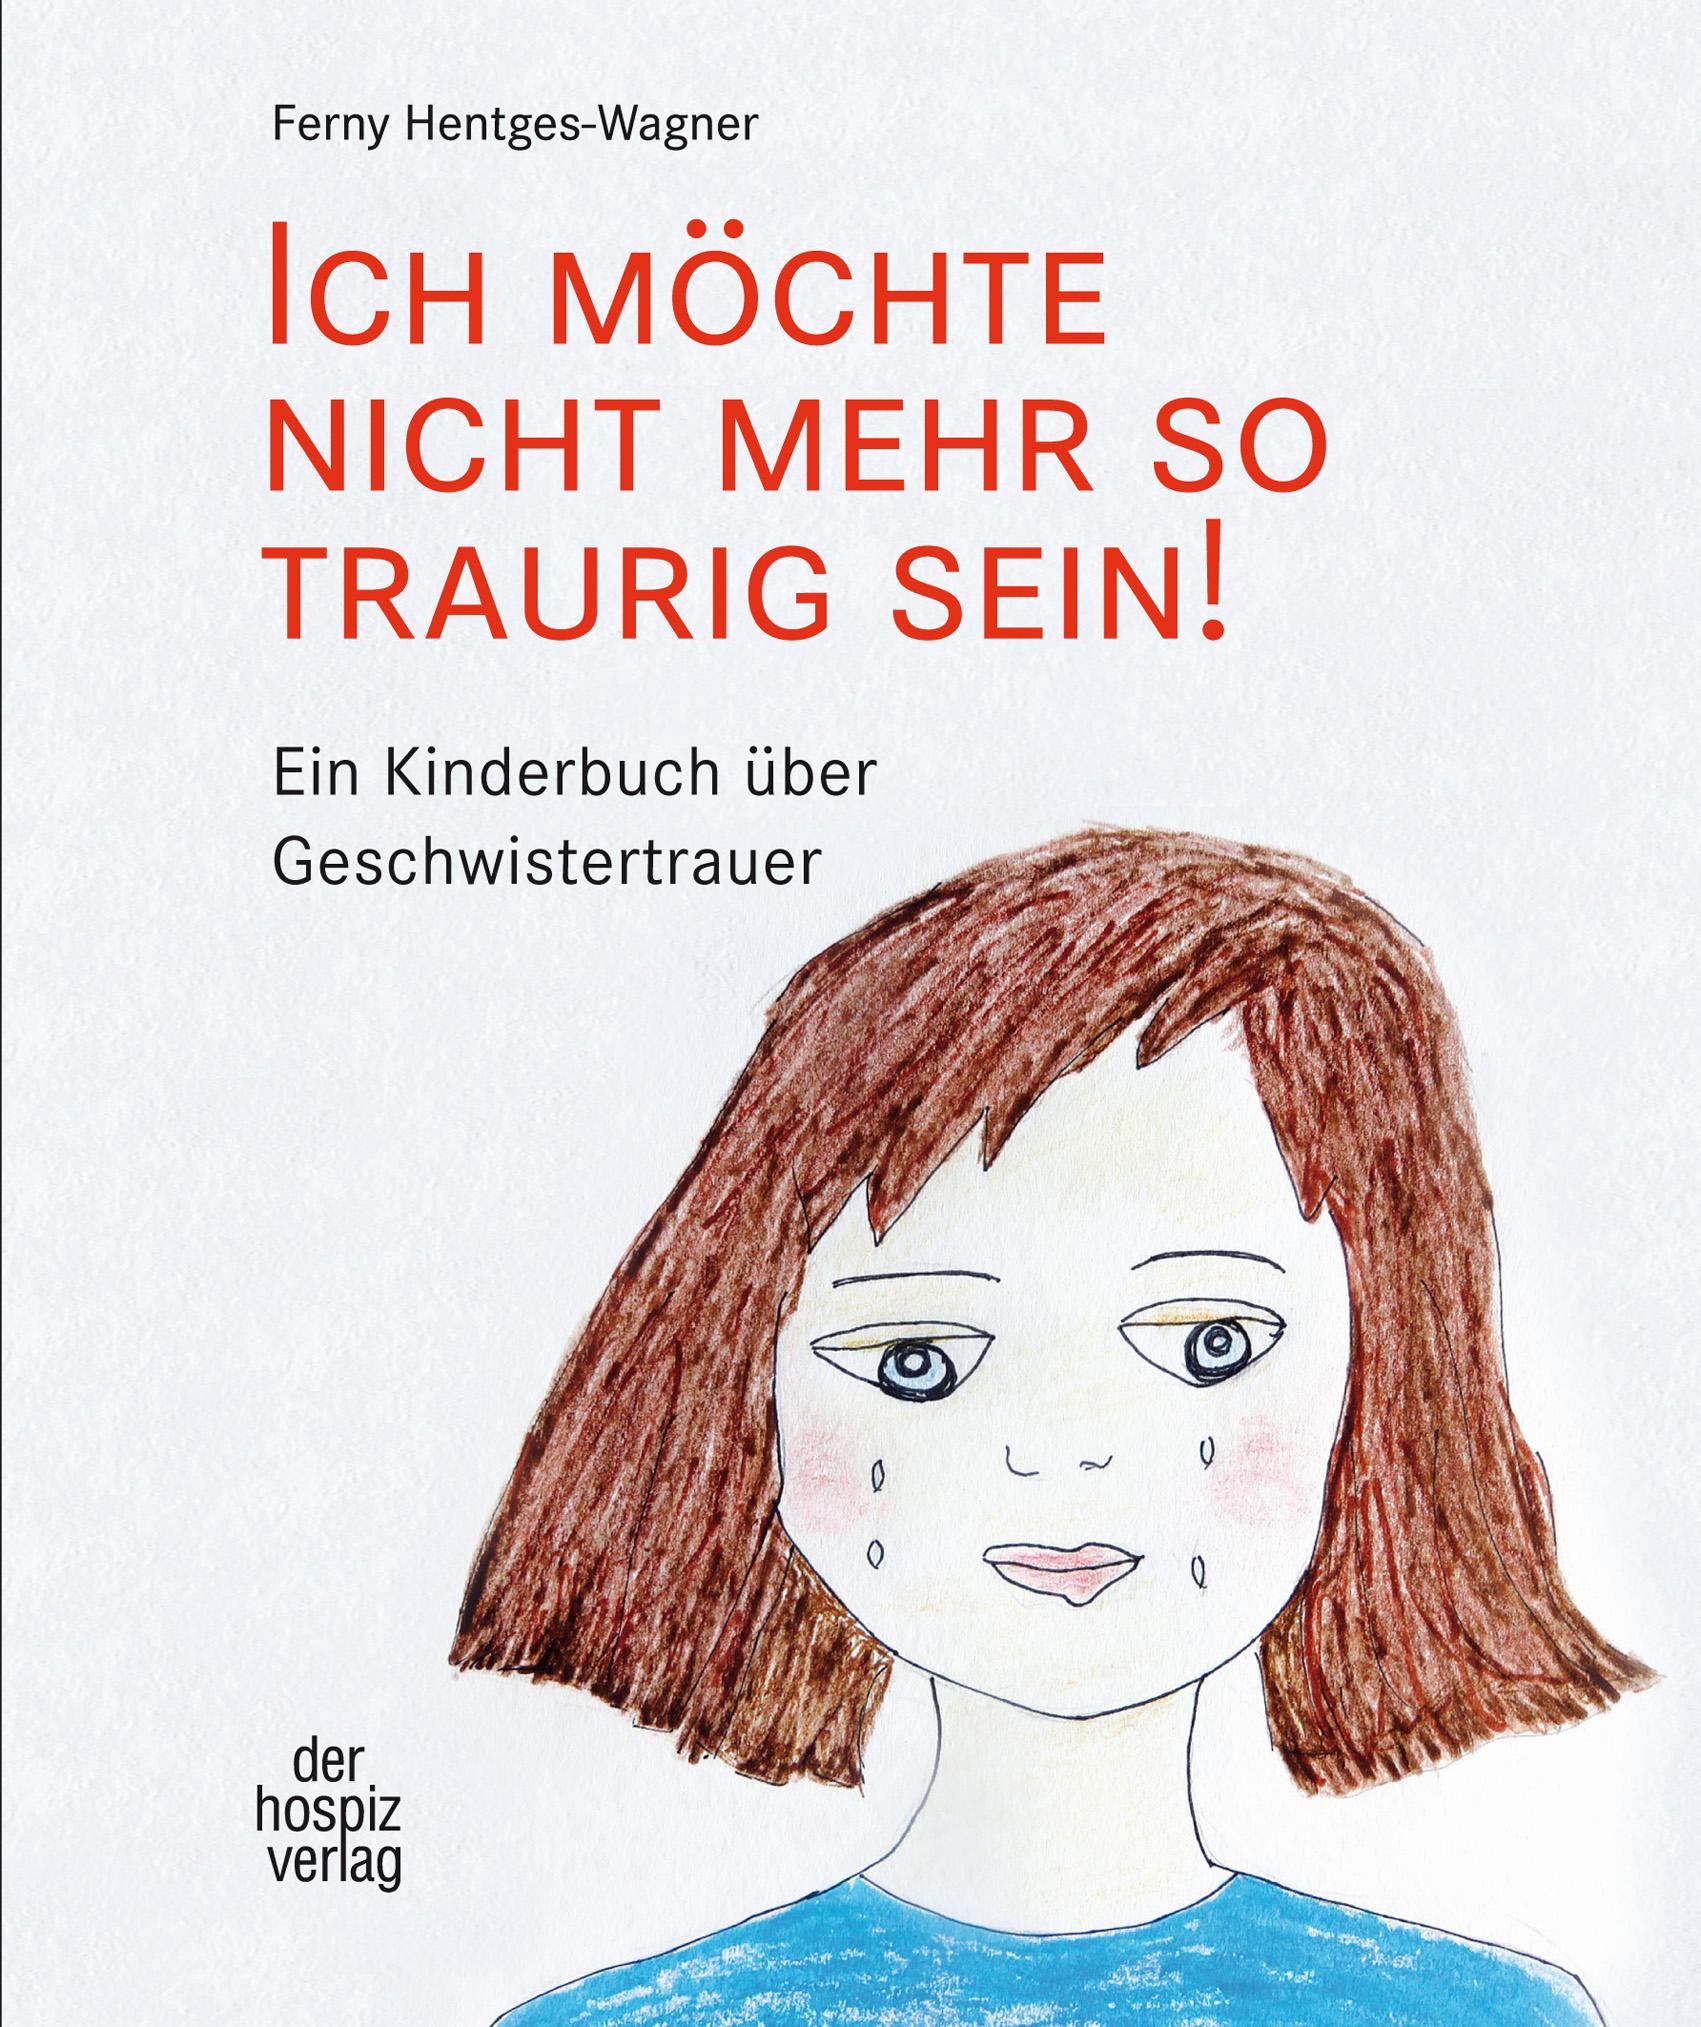 Ich möchte nicht mehr so traurig sein!, Ferny Hentges-Wagner